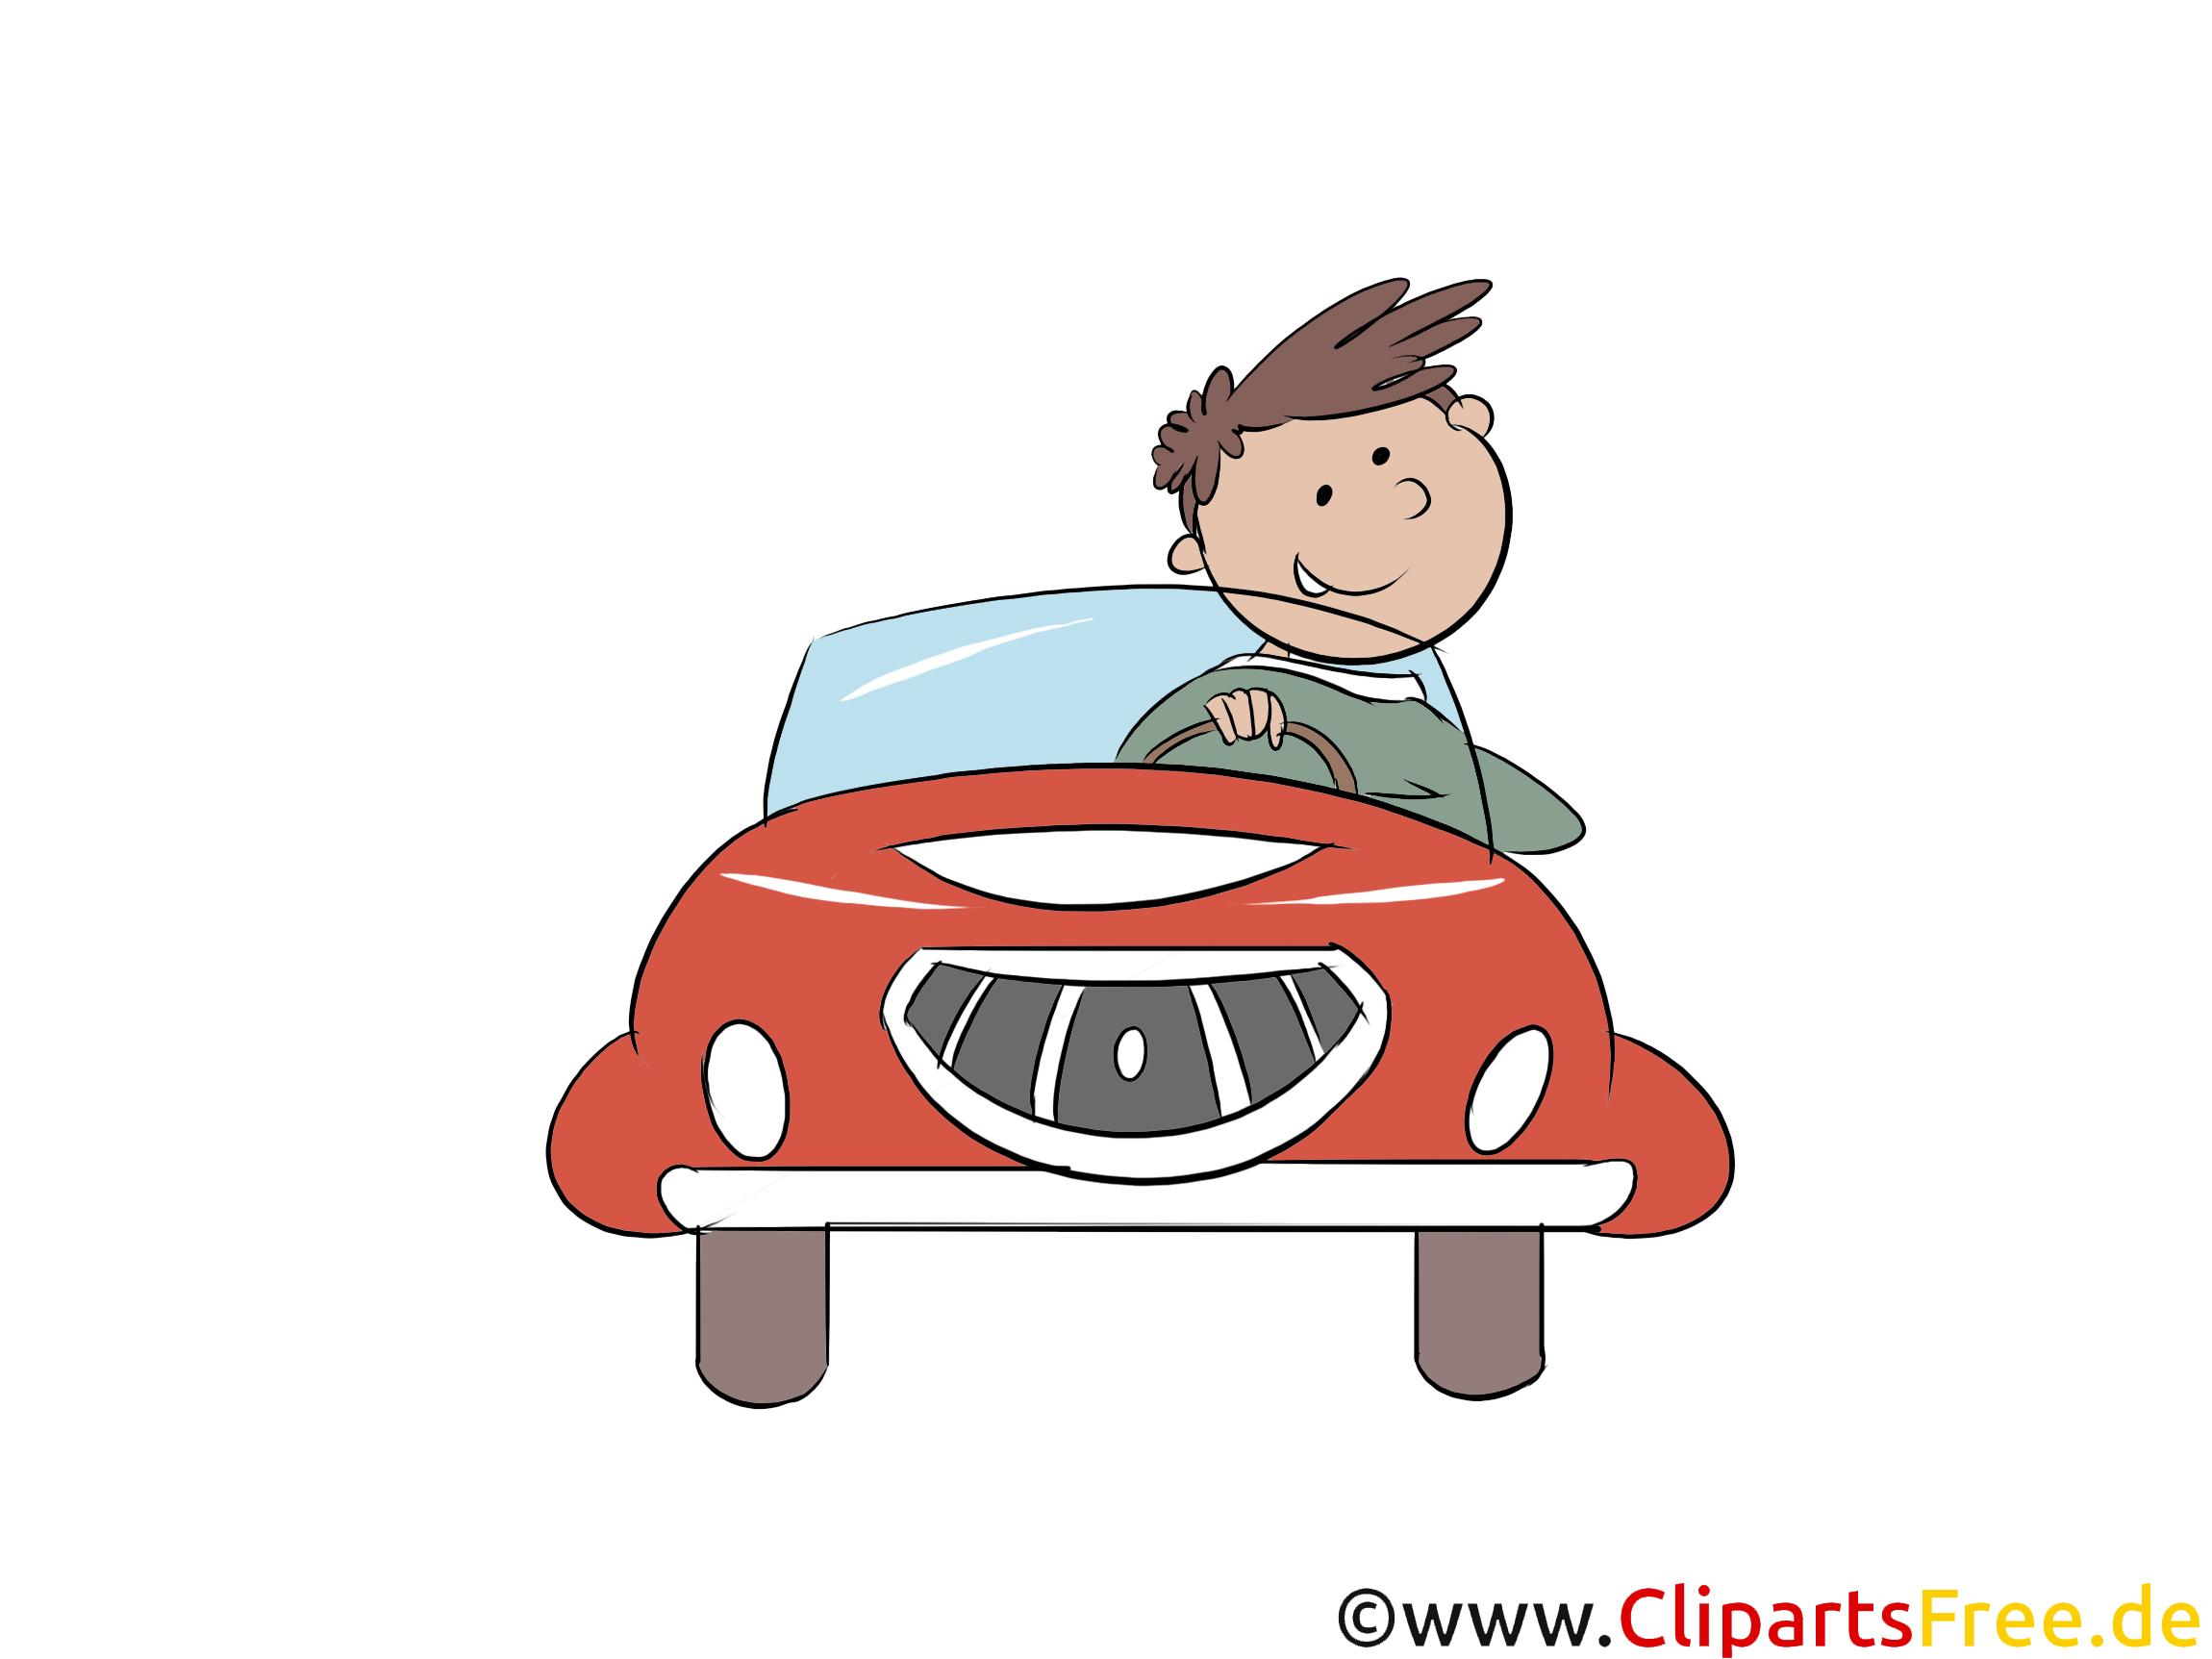 Elektroautofahrer Clipart, Bild, Grafik